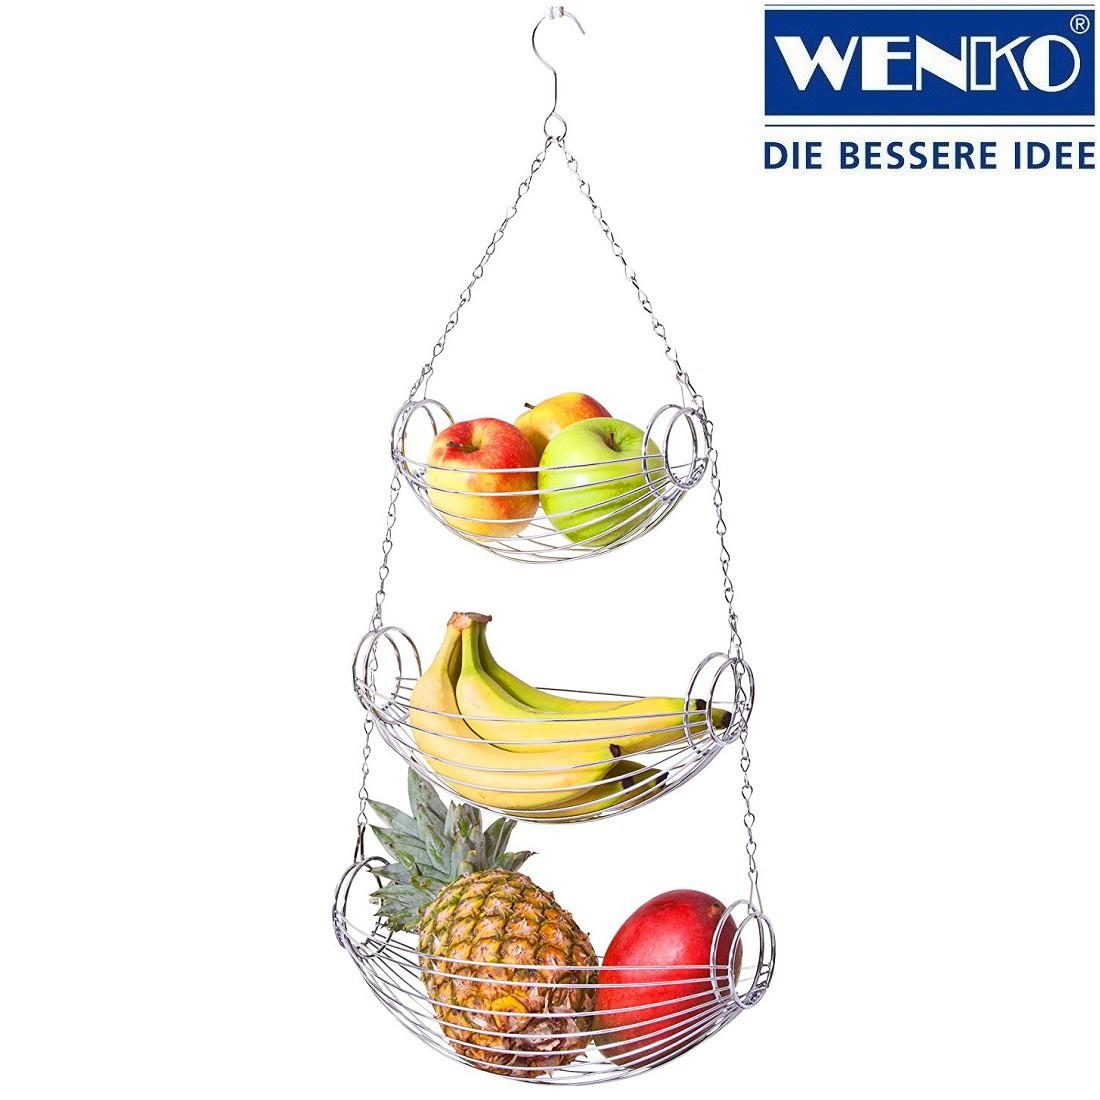 WENKO Küchenampel Triago Hängeetagère mit 3 Etagen aus Metall - verchromt